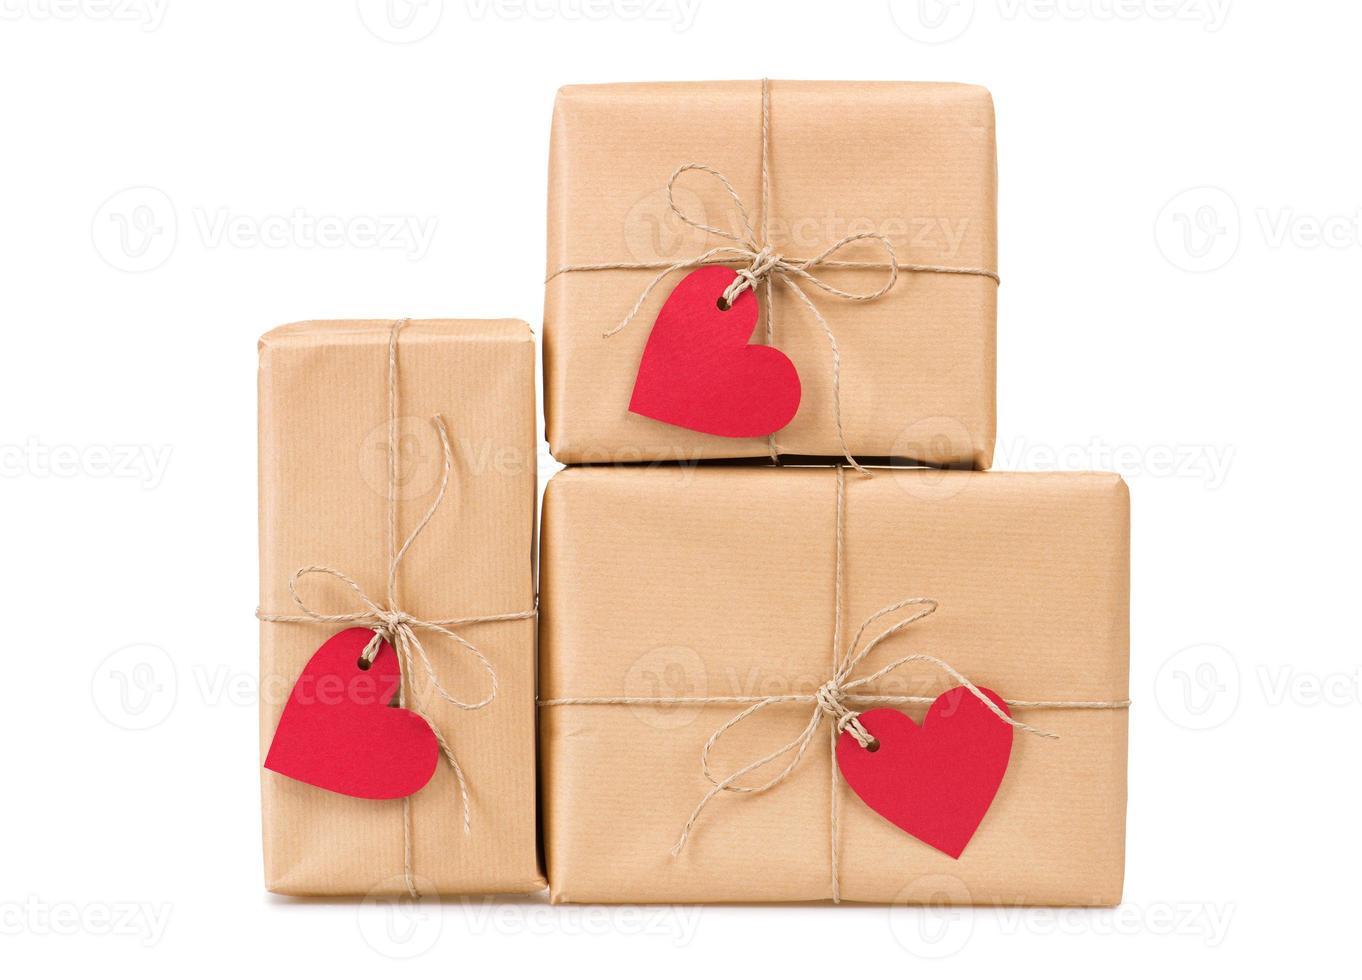 geschenkdozen hartvormige etiketten foto